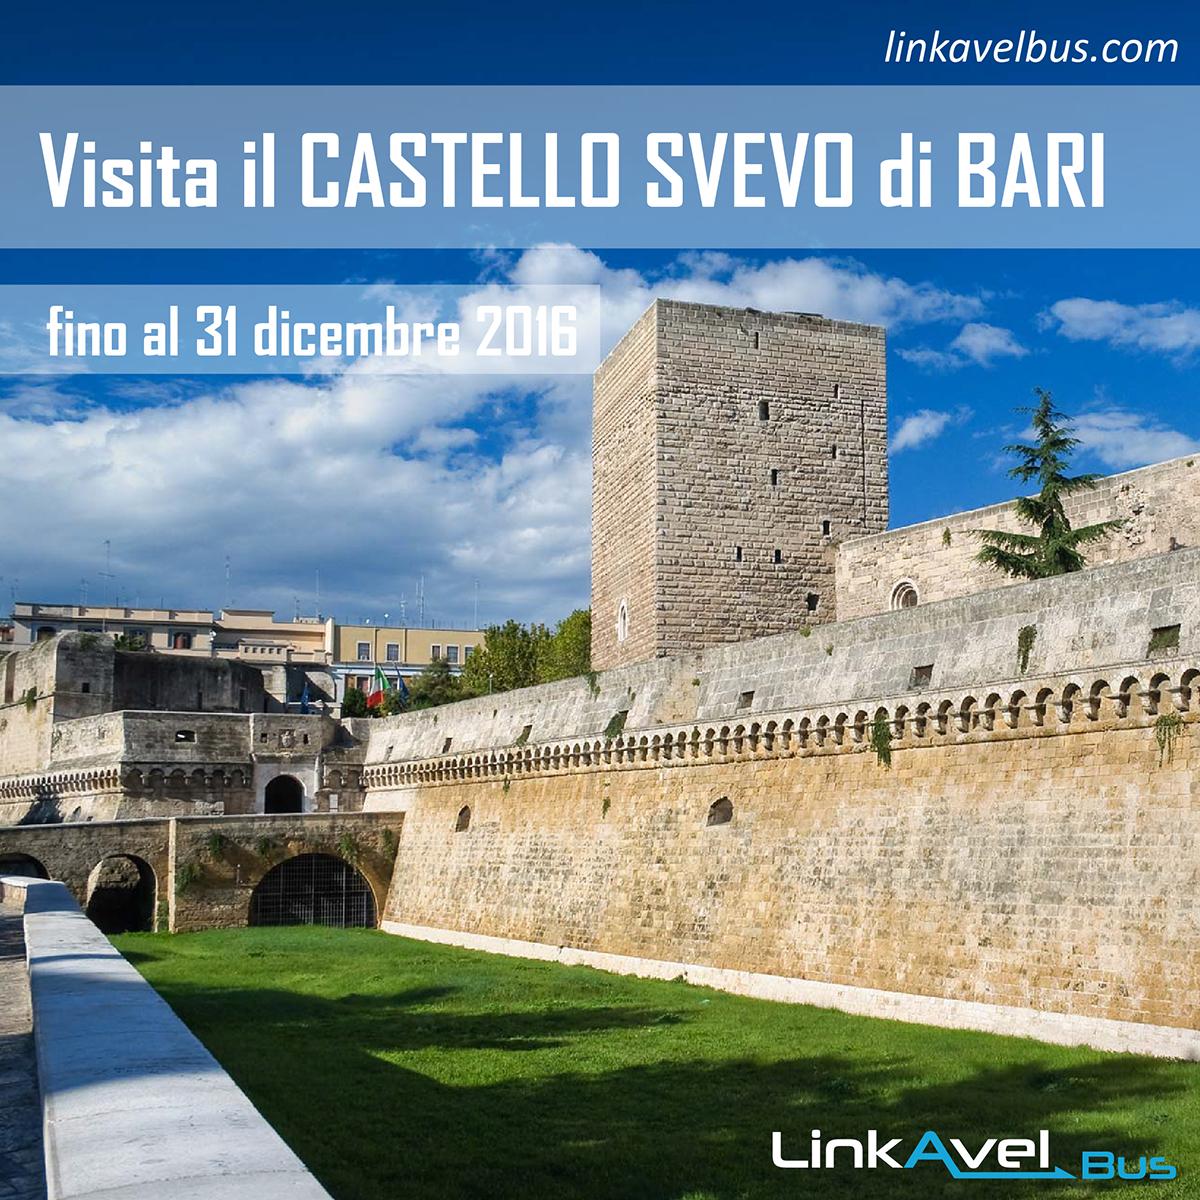 Post il castello Svevo di Bari fino al 31 dicembre 2016